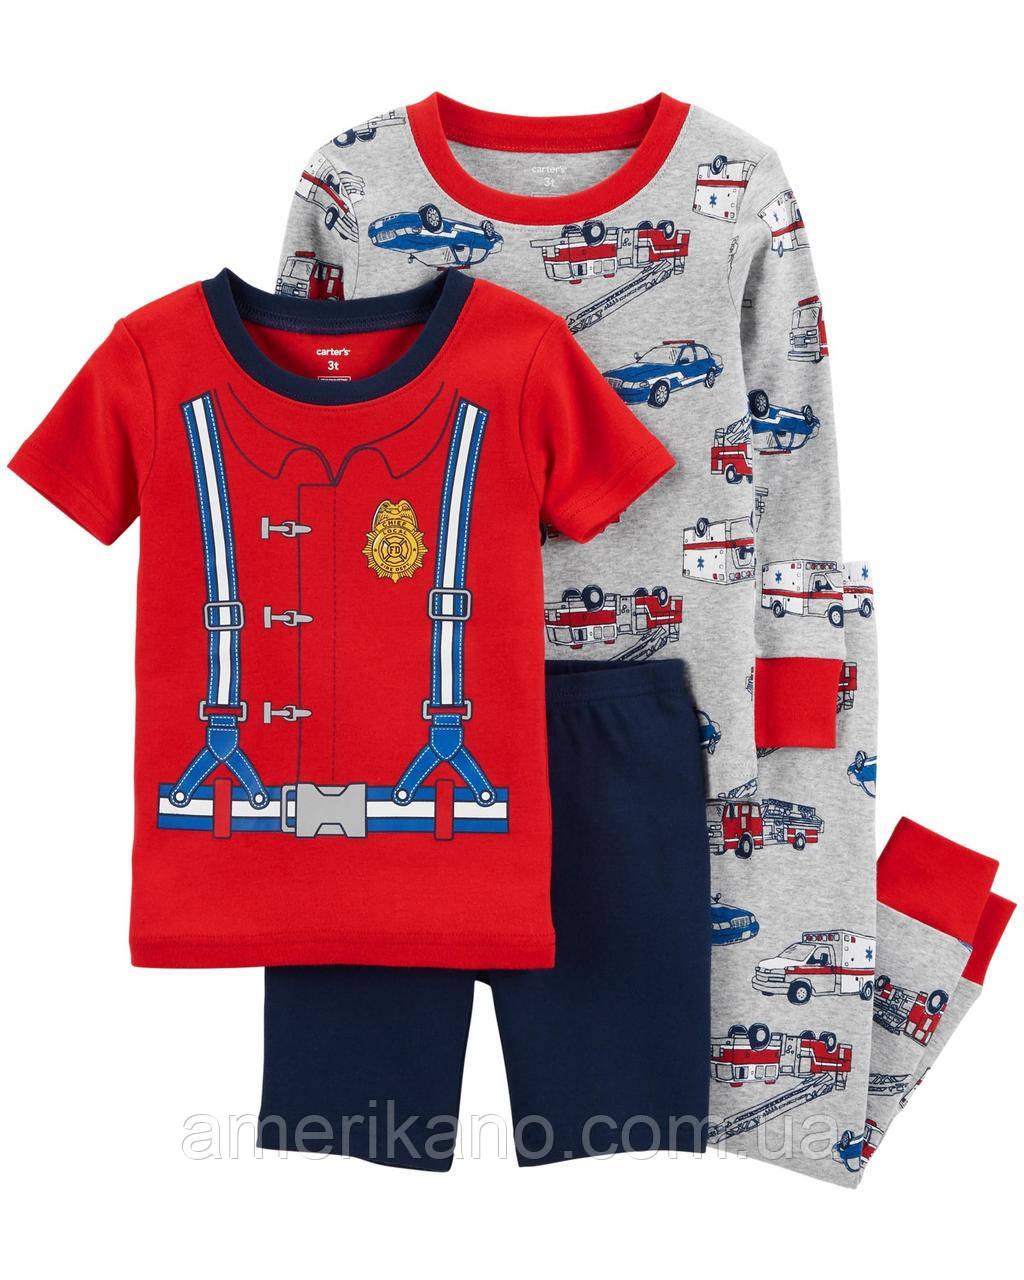 Хлопковая пижама Carter´s Картерс из США 2Т на 2-3 года Цена за штуку